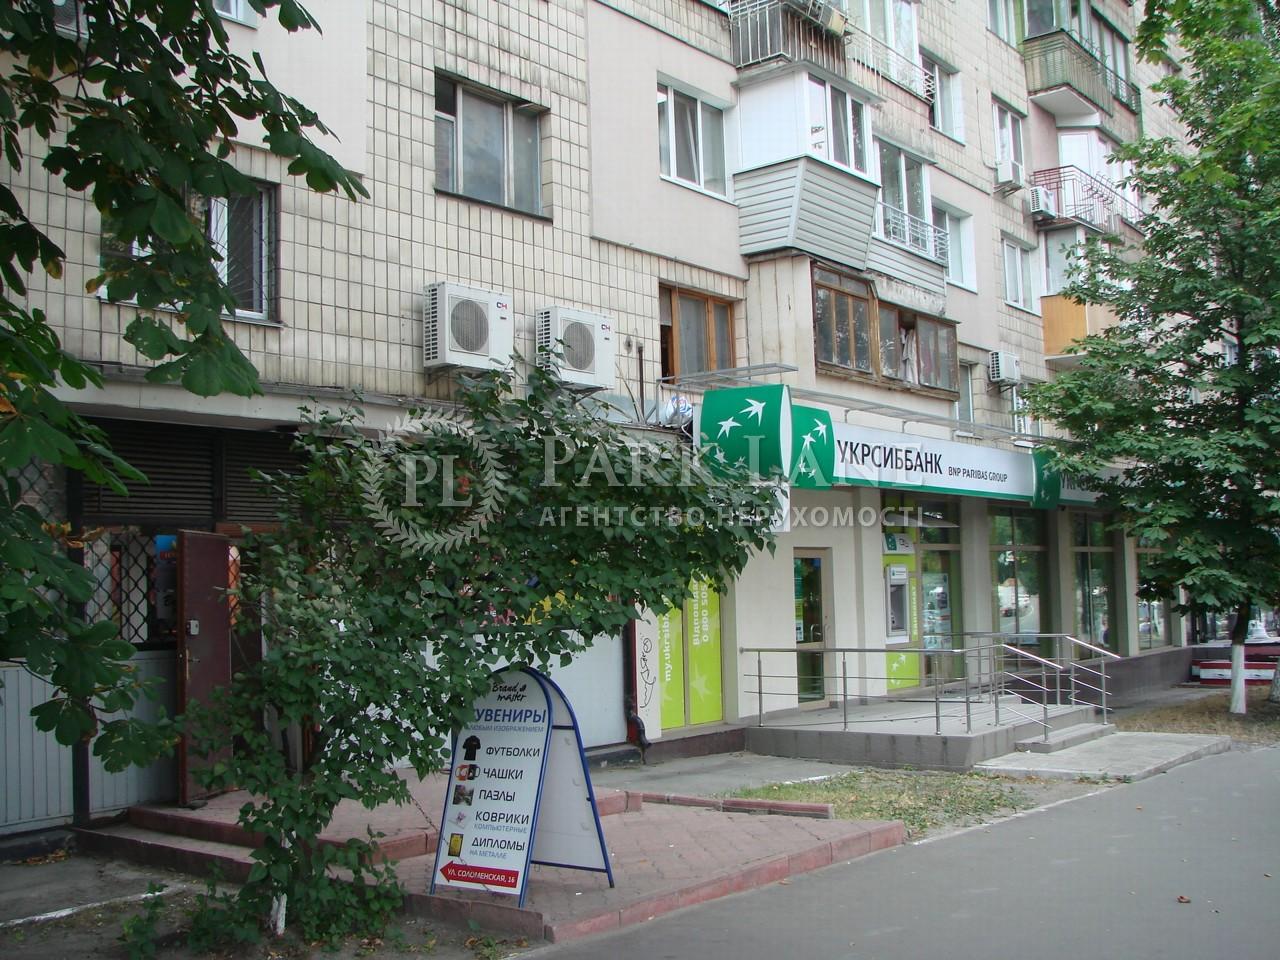 Нежитлове приміщення, вул. Солом'янська, Київ, R-18816 - Фото 11